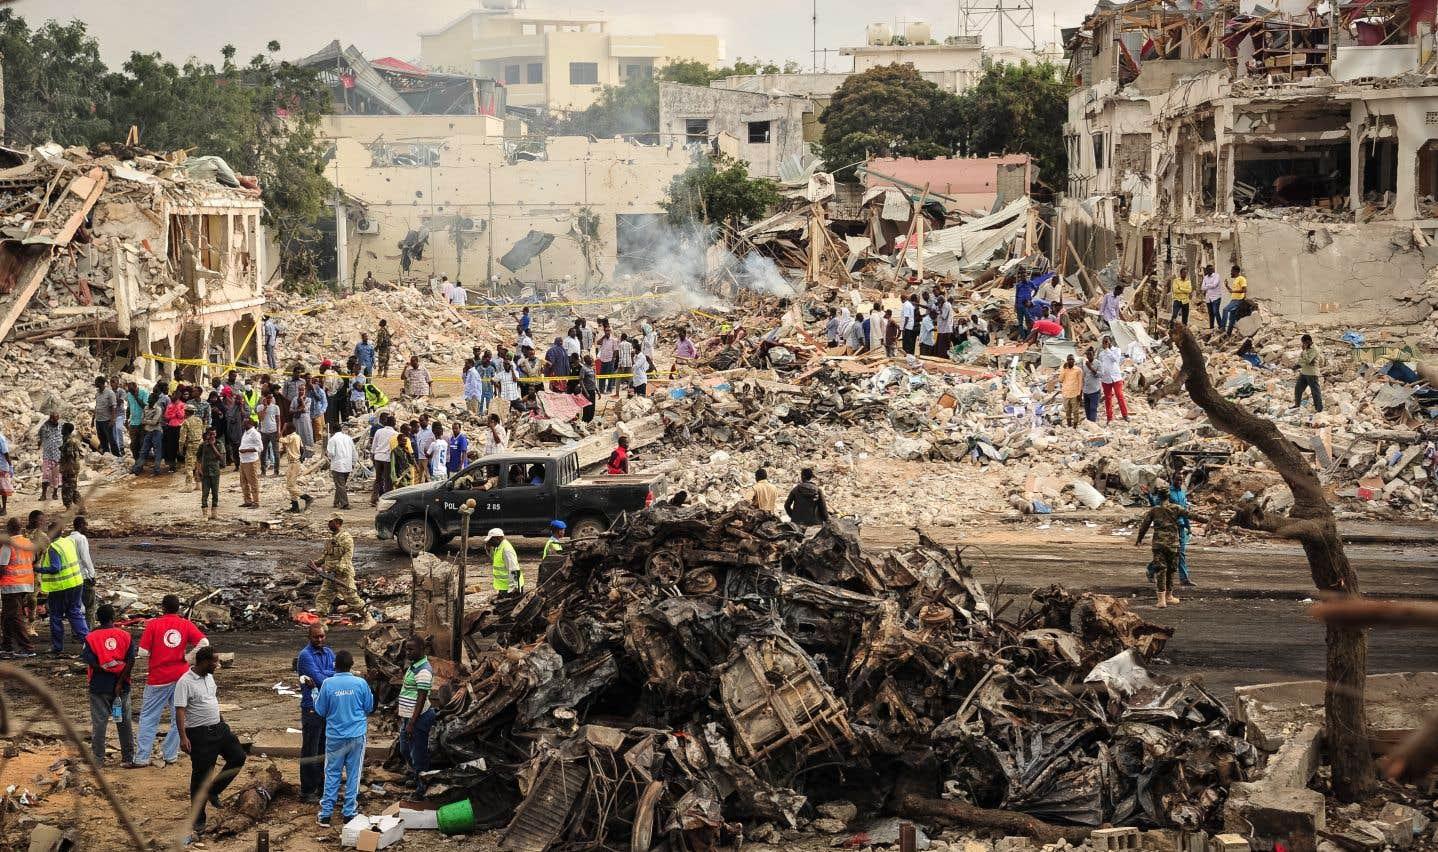 L'explosion s'est produite devant le Safari Hôtel, un établissement populaire,sur une rue très achalandée de la capitale.